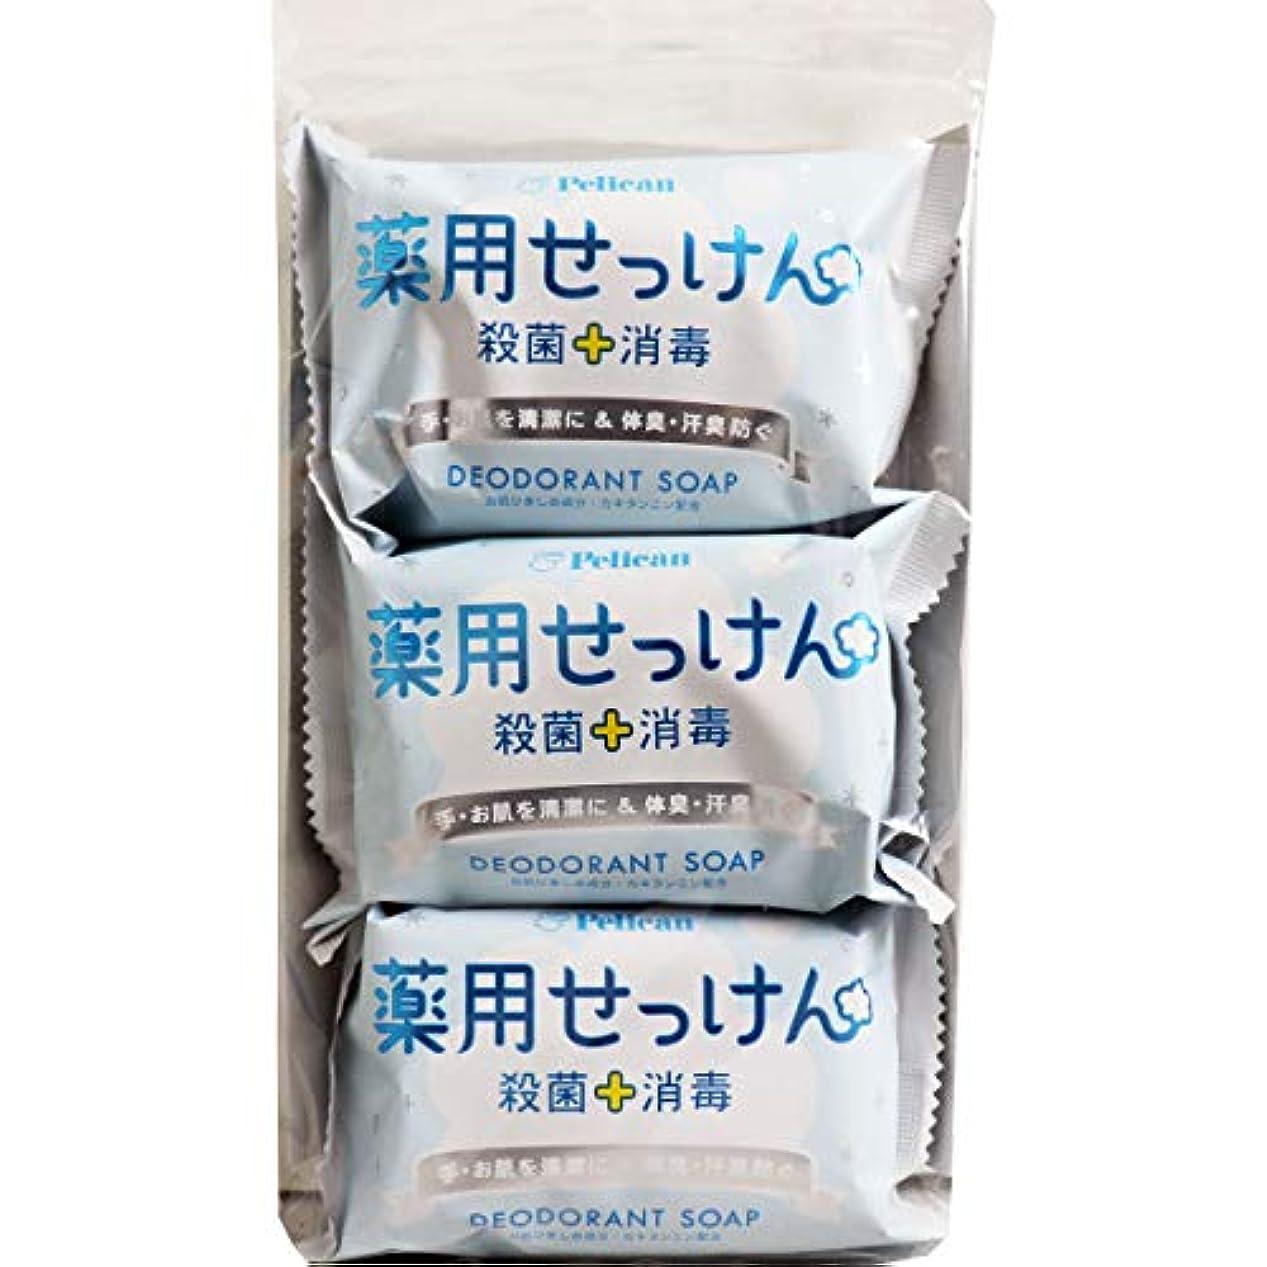 排泄するいつかマイルペリカン石鹸 薬用石けん 85g×3個×4パック